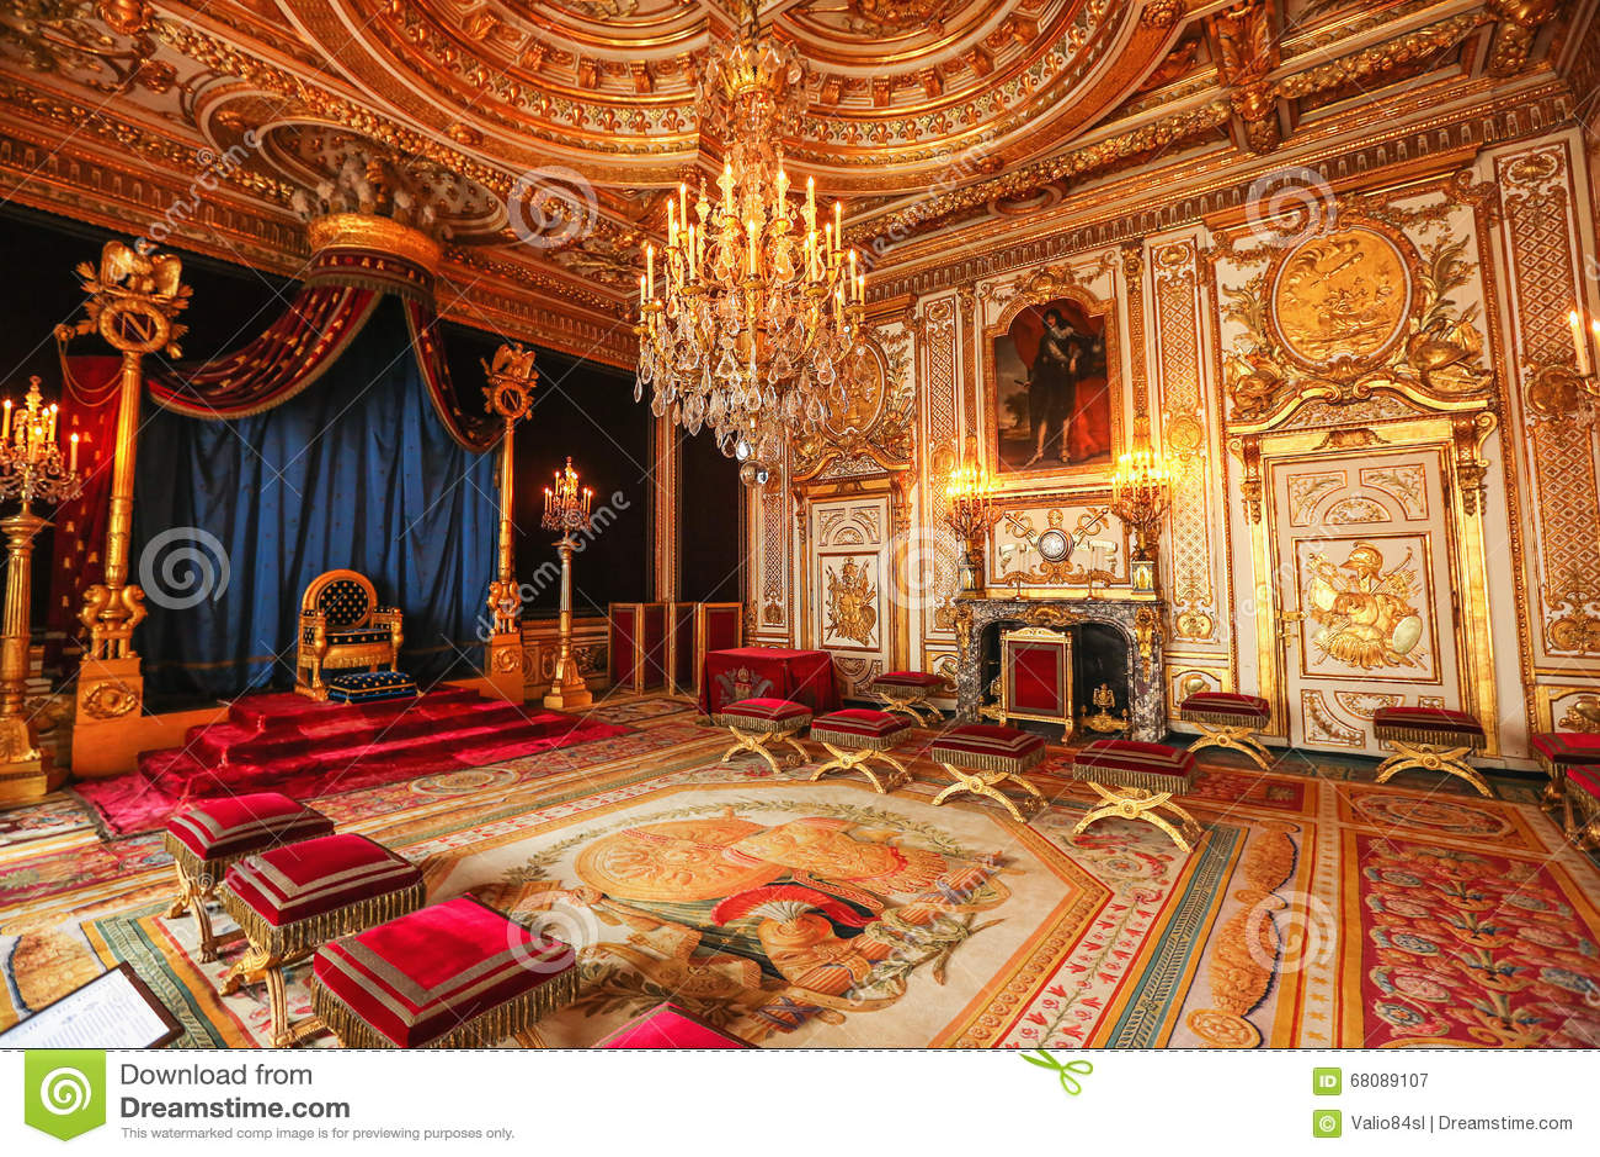 Paris france int rieur de palais de versailles for France interieur